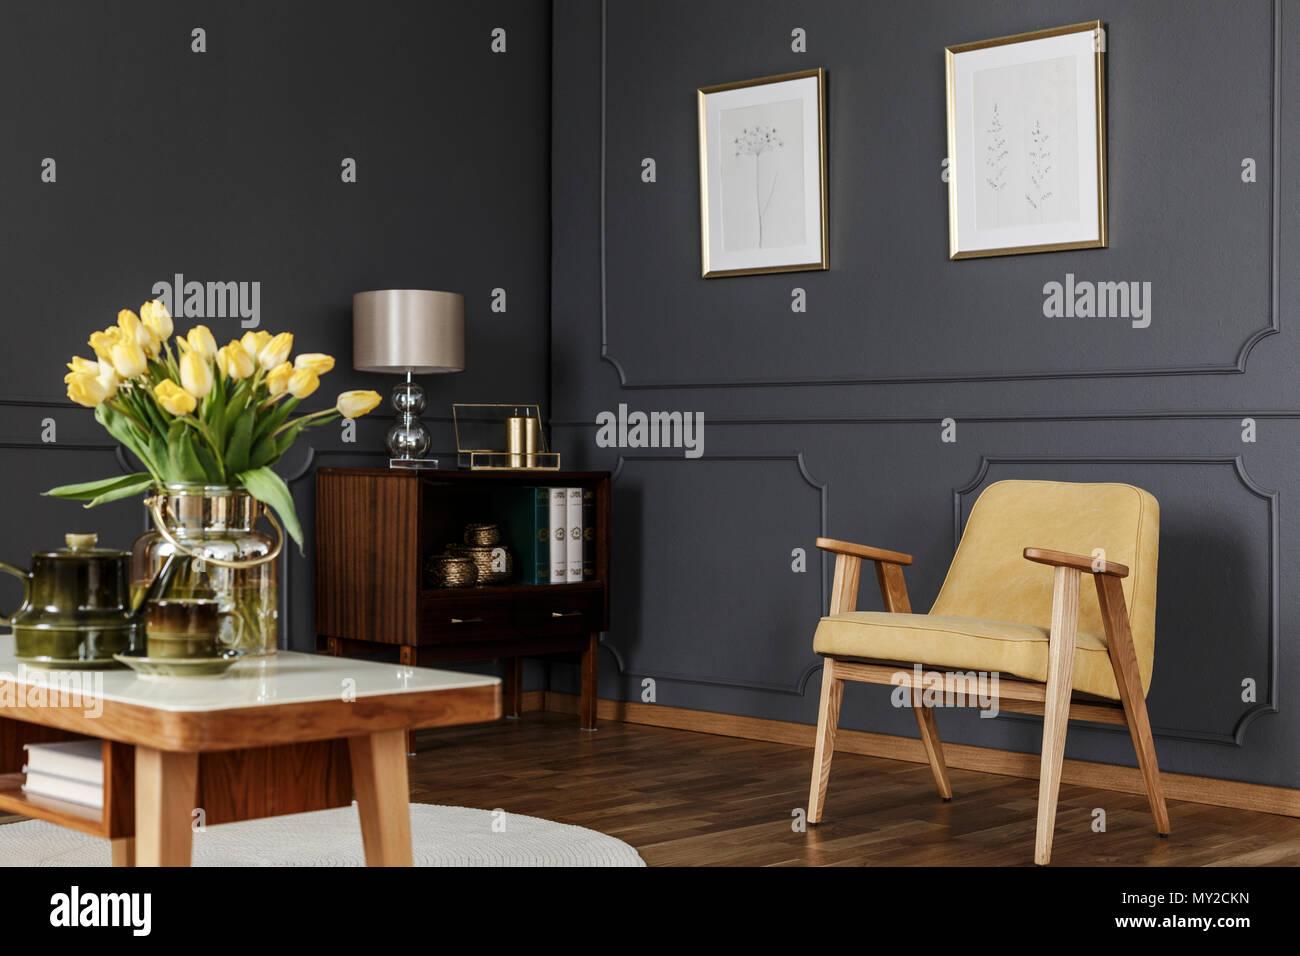 Holzgehäuse In Der Ecke Eines Dunklen Wohnzimmer Einrichtung Mit  Holztäfelung An Der Wand Mit Plakaten Neben Einem Gelben Sessel Und Tisch  Mit Tulpen.